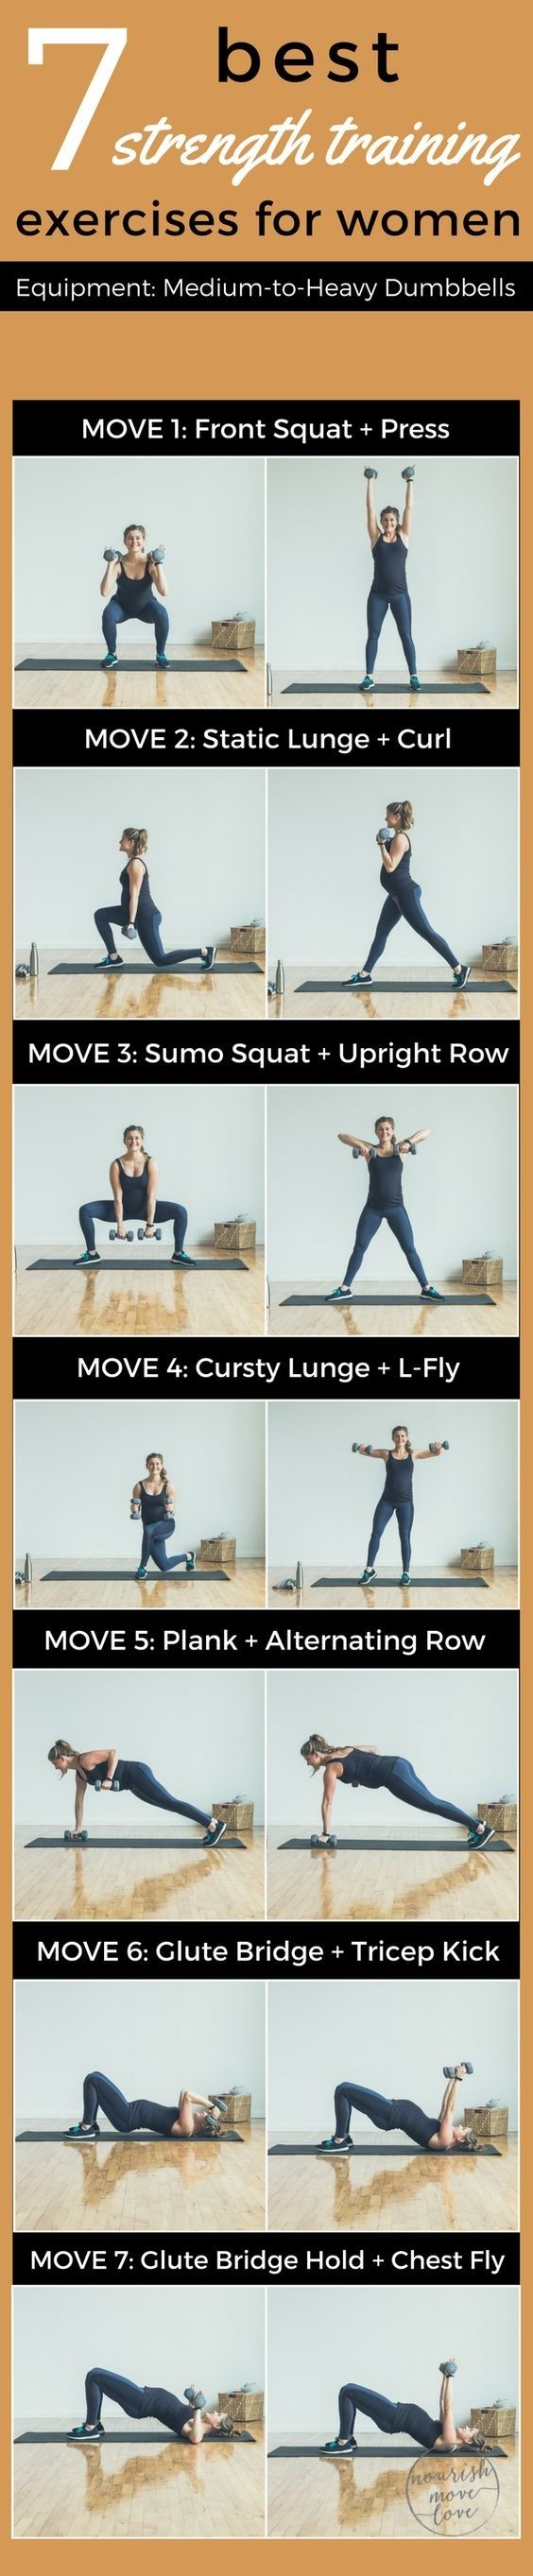 7 Best Strength Training Exercises for Women